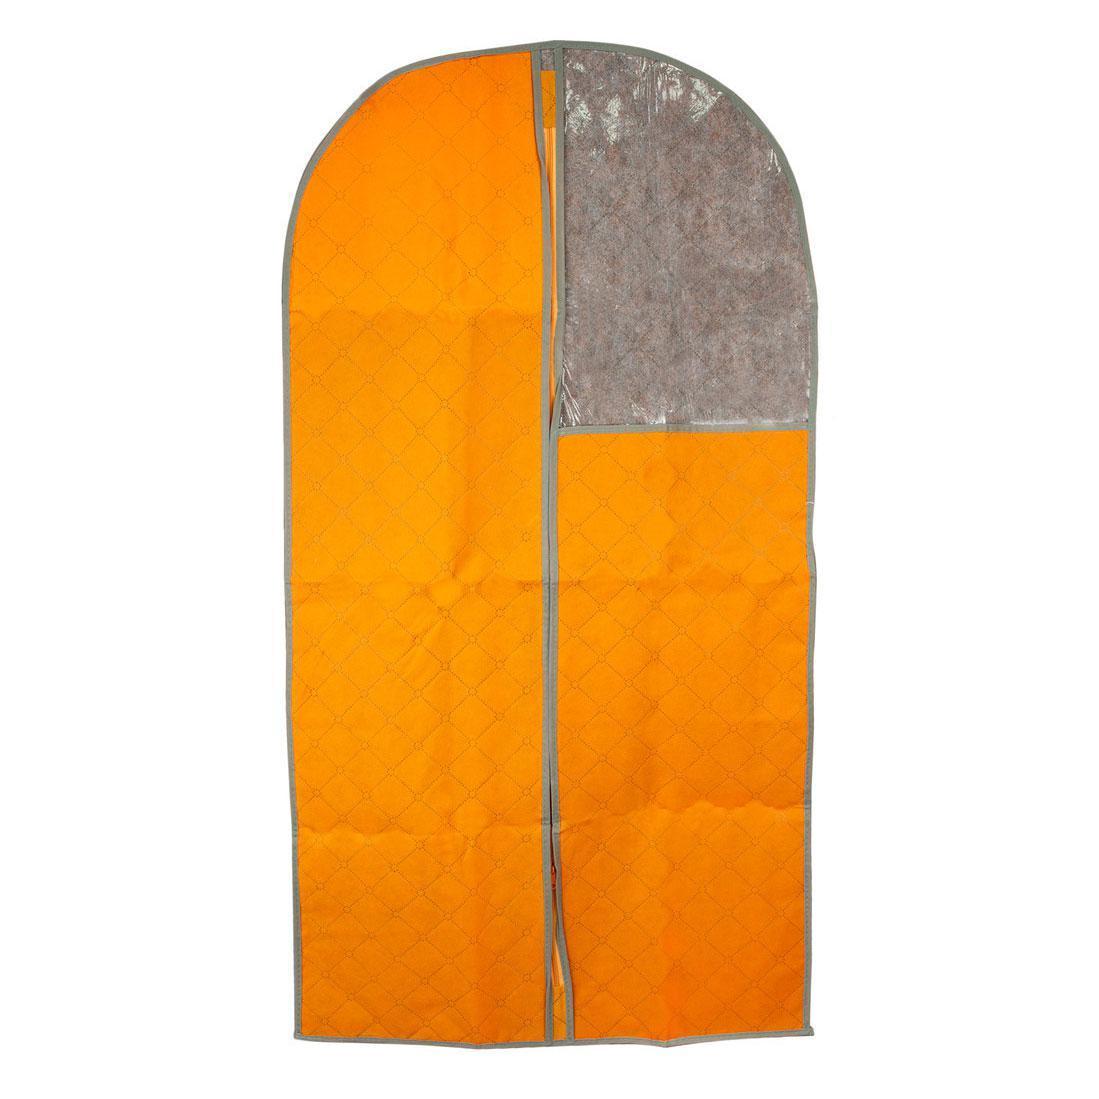 Подвесной чехол на молнии для хранения одежды 110x57 см  - оранжевый  с доставкой по Киеву и Украине